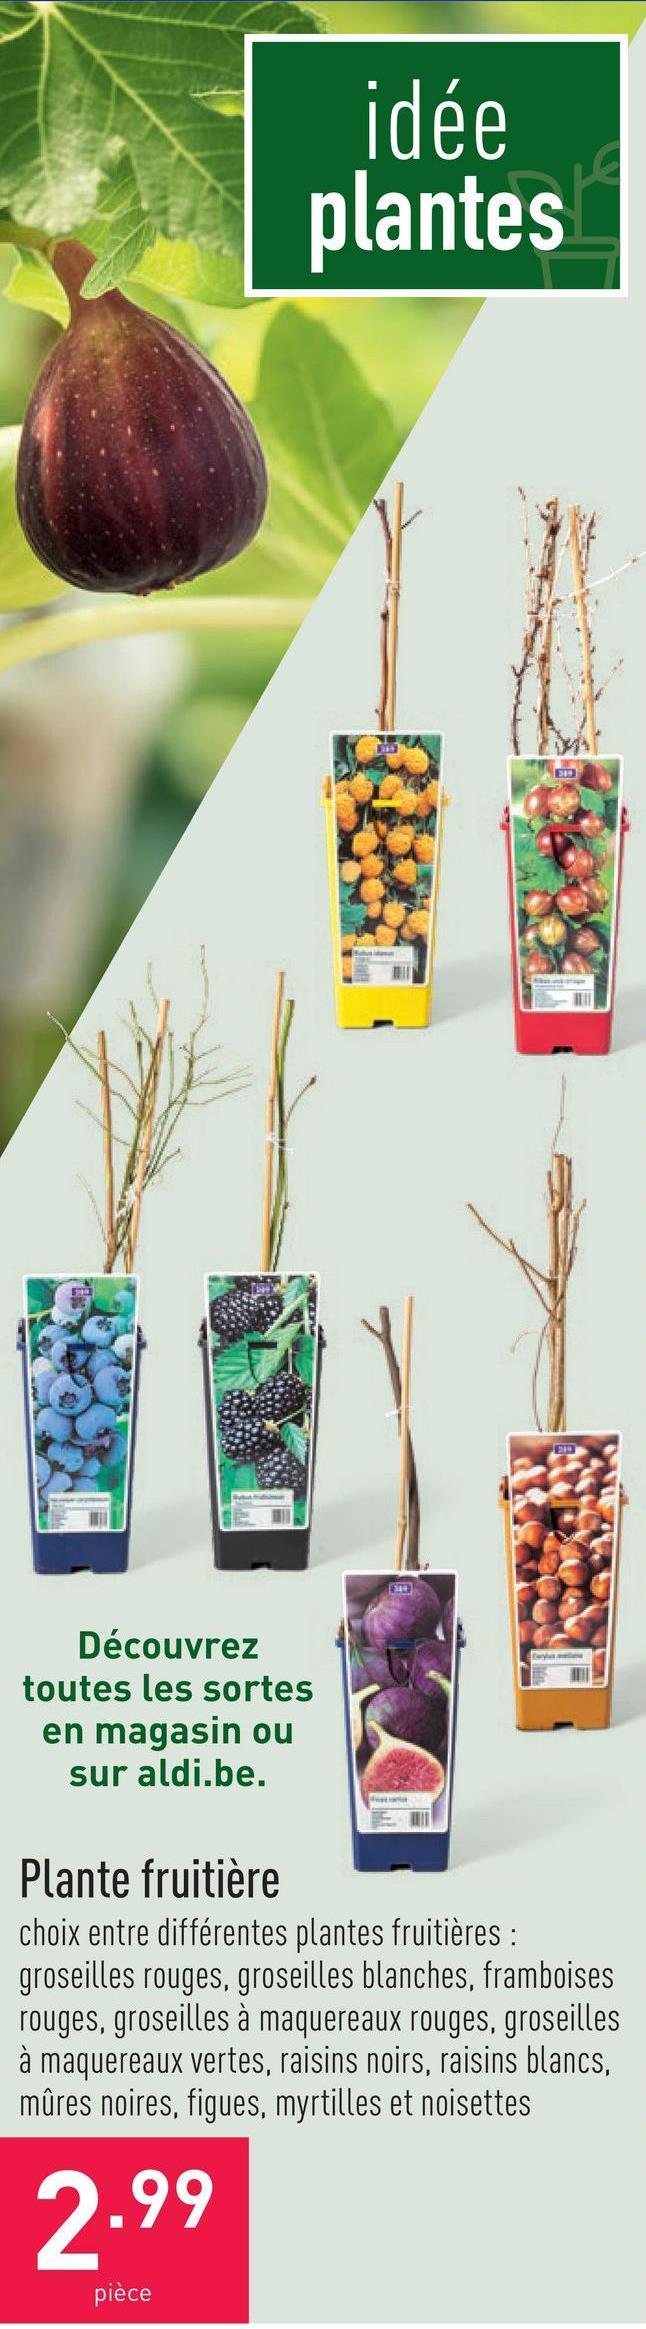 Plante fruitière choix entre différentes plantes fruitières : groseilles rouges, groseilles blanches, framboises rouges, groseilles à maquereaux rouges, groseilles à maquereaux vertes, raisins noirs, raisins blancs, mûres noires, figues, myrtilles et noisettes